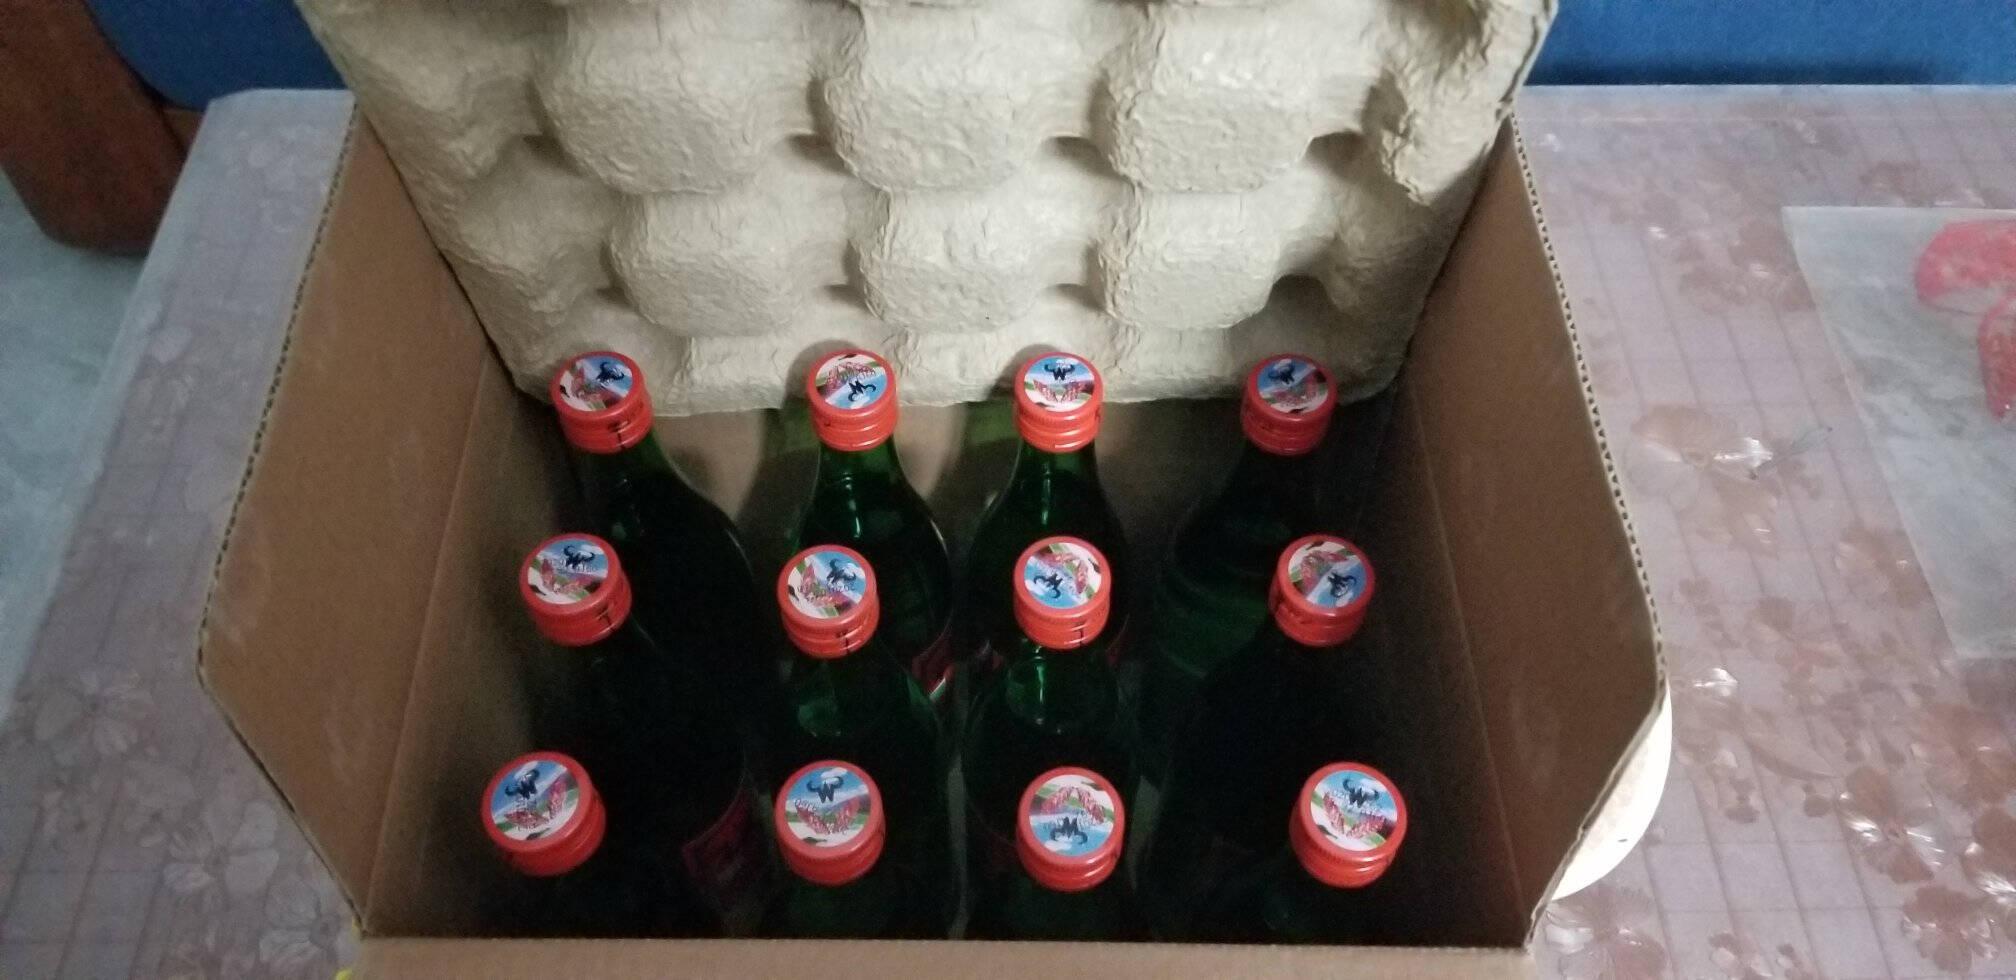 牛栏山二锅头绿牛二绿瓶56度500ml*12瓶白酒整箱装清香型